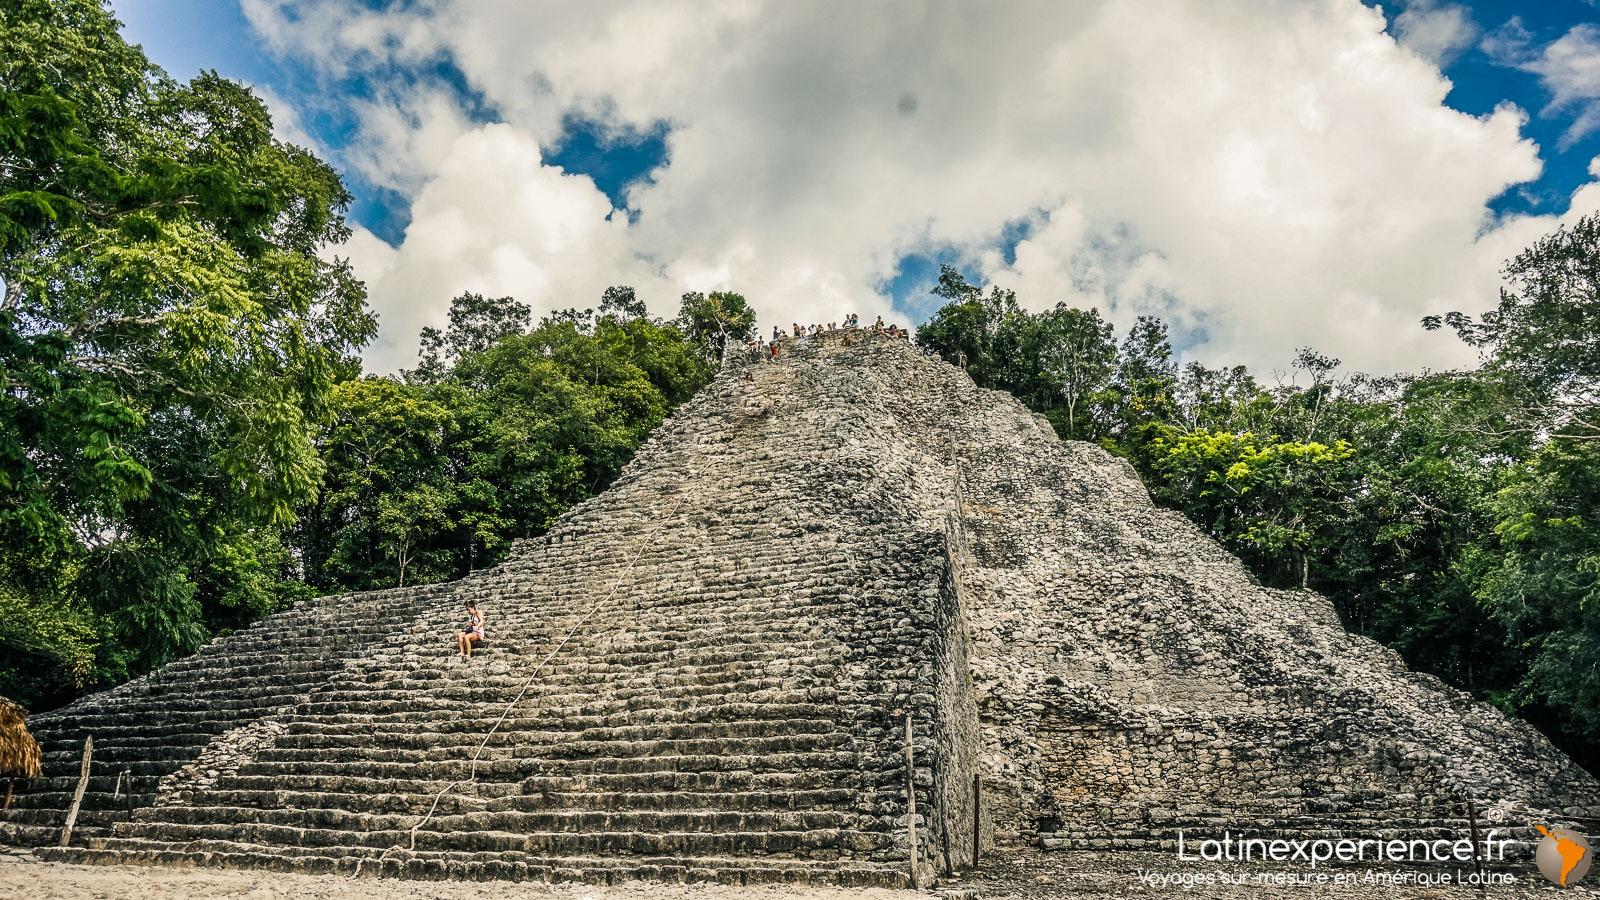 Mexique - site de Koba - Grande pyramide - Latinexperience voyages